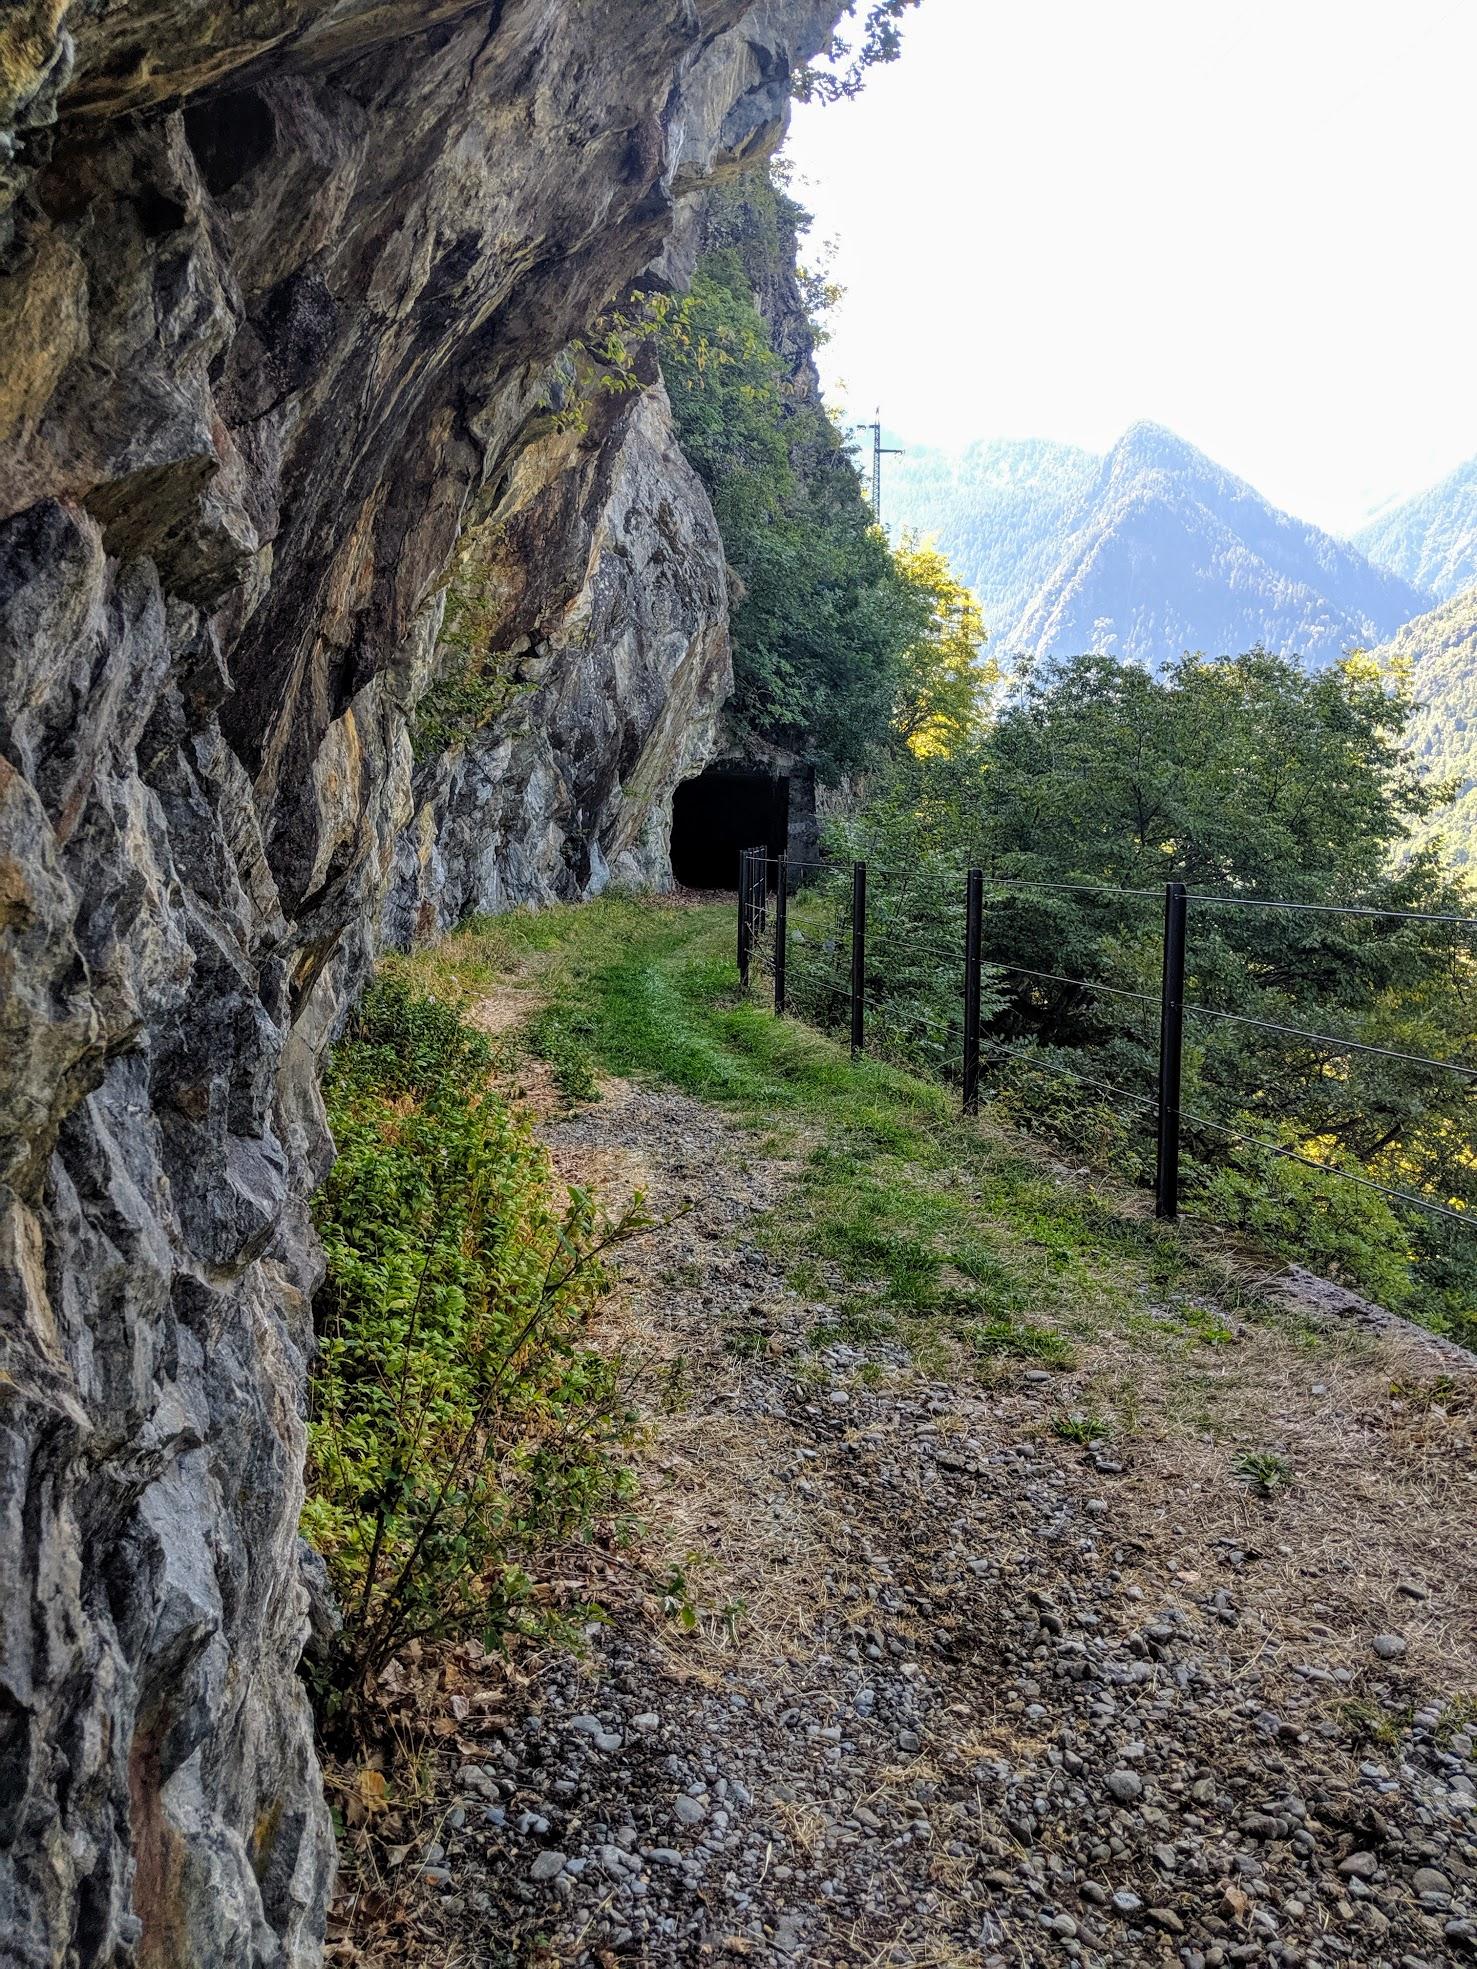 La decauville Arigna-Vedello dopo aver costeggiato l'invaso della localita' Gaggio entra nella Val Venina muovendosi sul ripido fianco della valle. Per attraversare i tratti più ripidi ed esposti a frane la decauville passa per alcune gallerie aggiungendo una insolita variante ai runners che volessero avventurarsi in questa splendida zona.